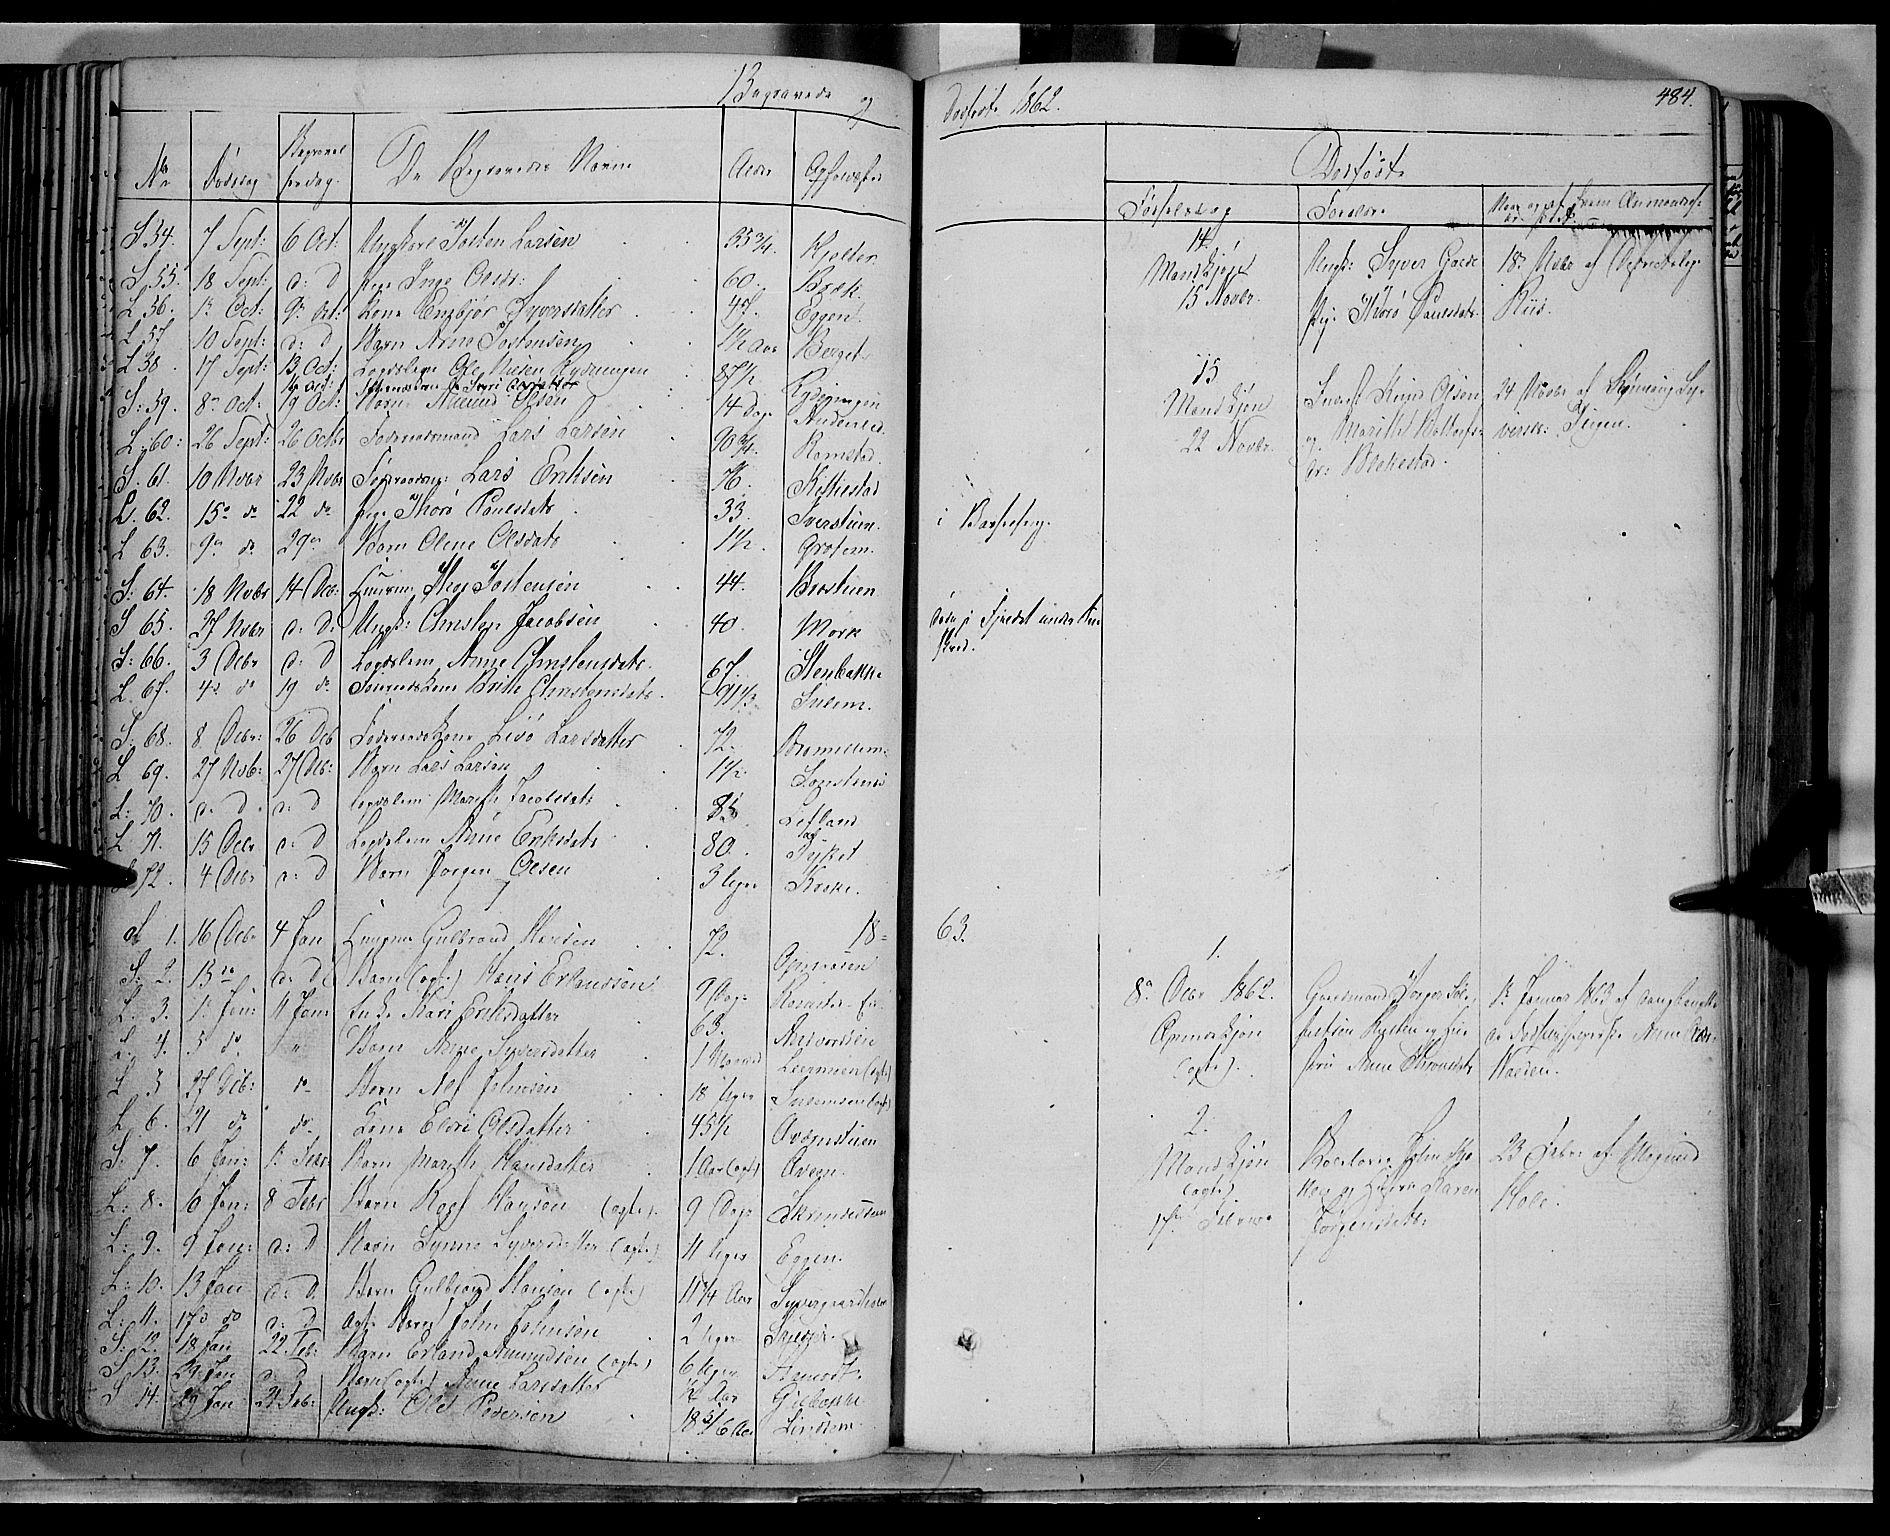 SAH, Lom prestekontor, K/L0006: Ministerialbok nr. 6B, 1837-1863, s. 484